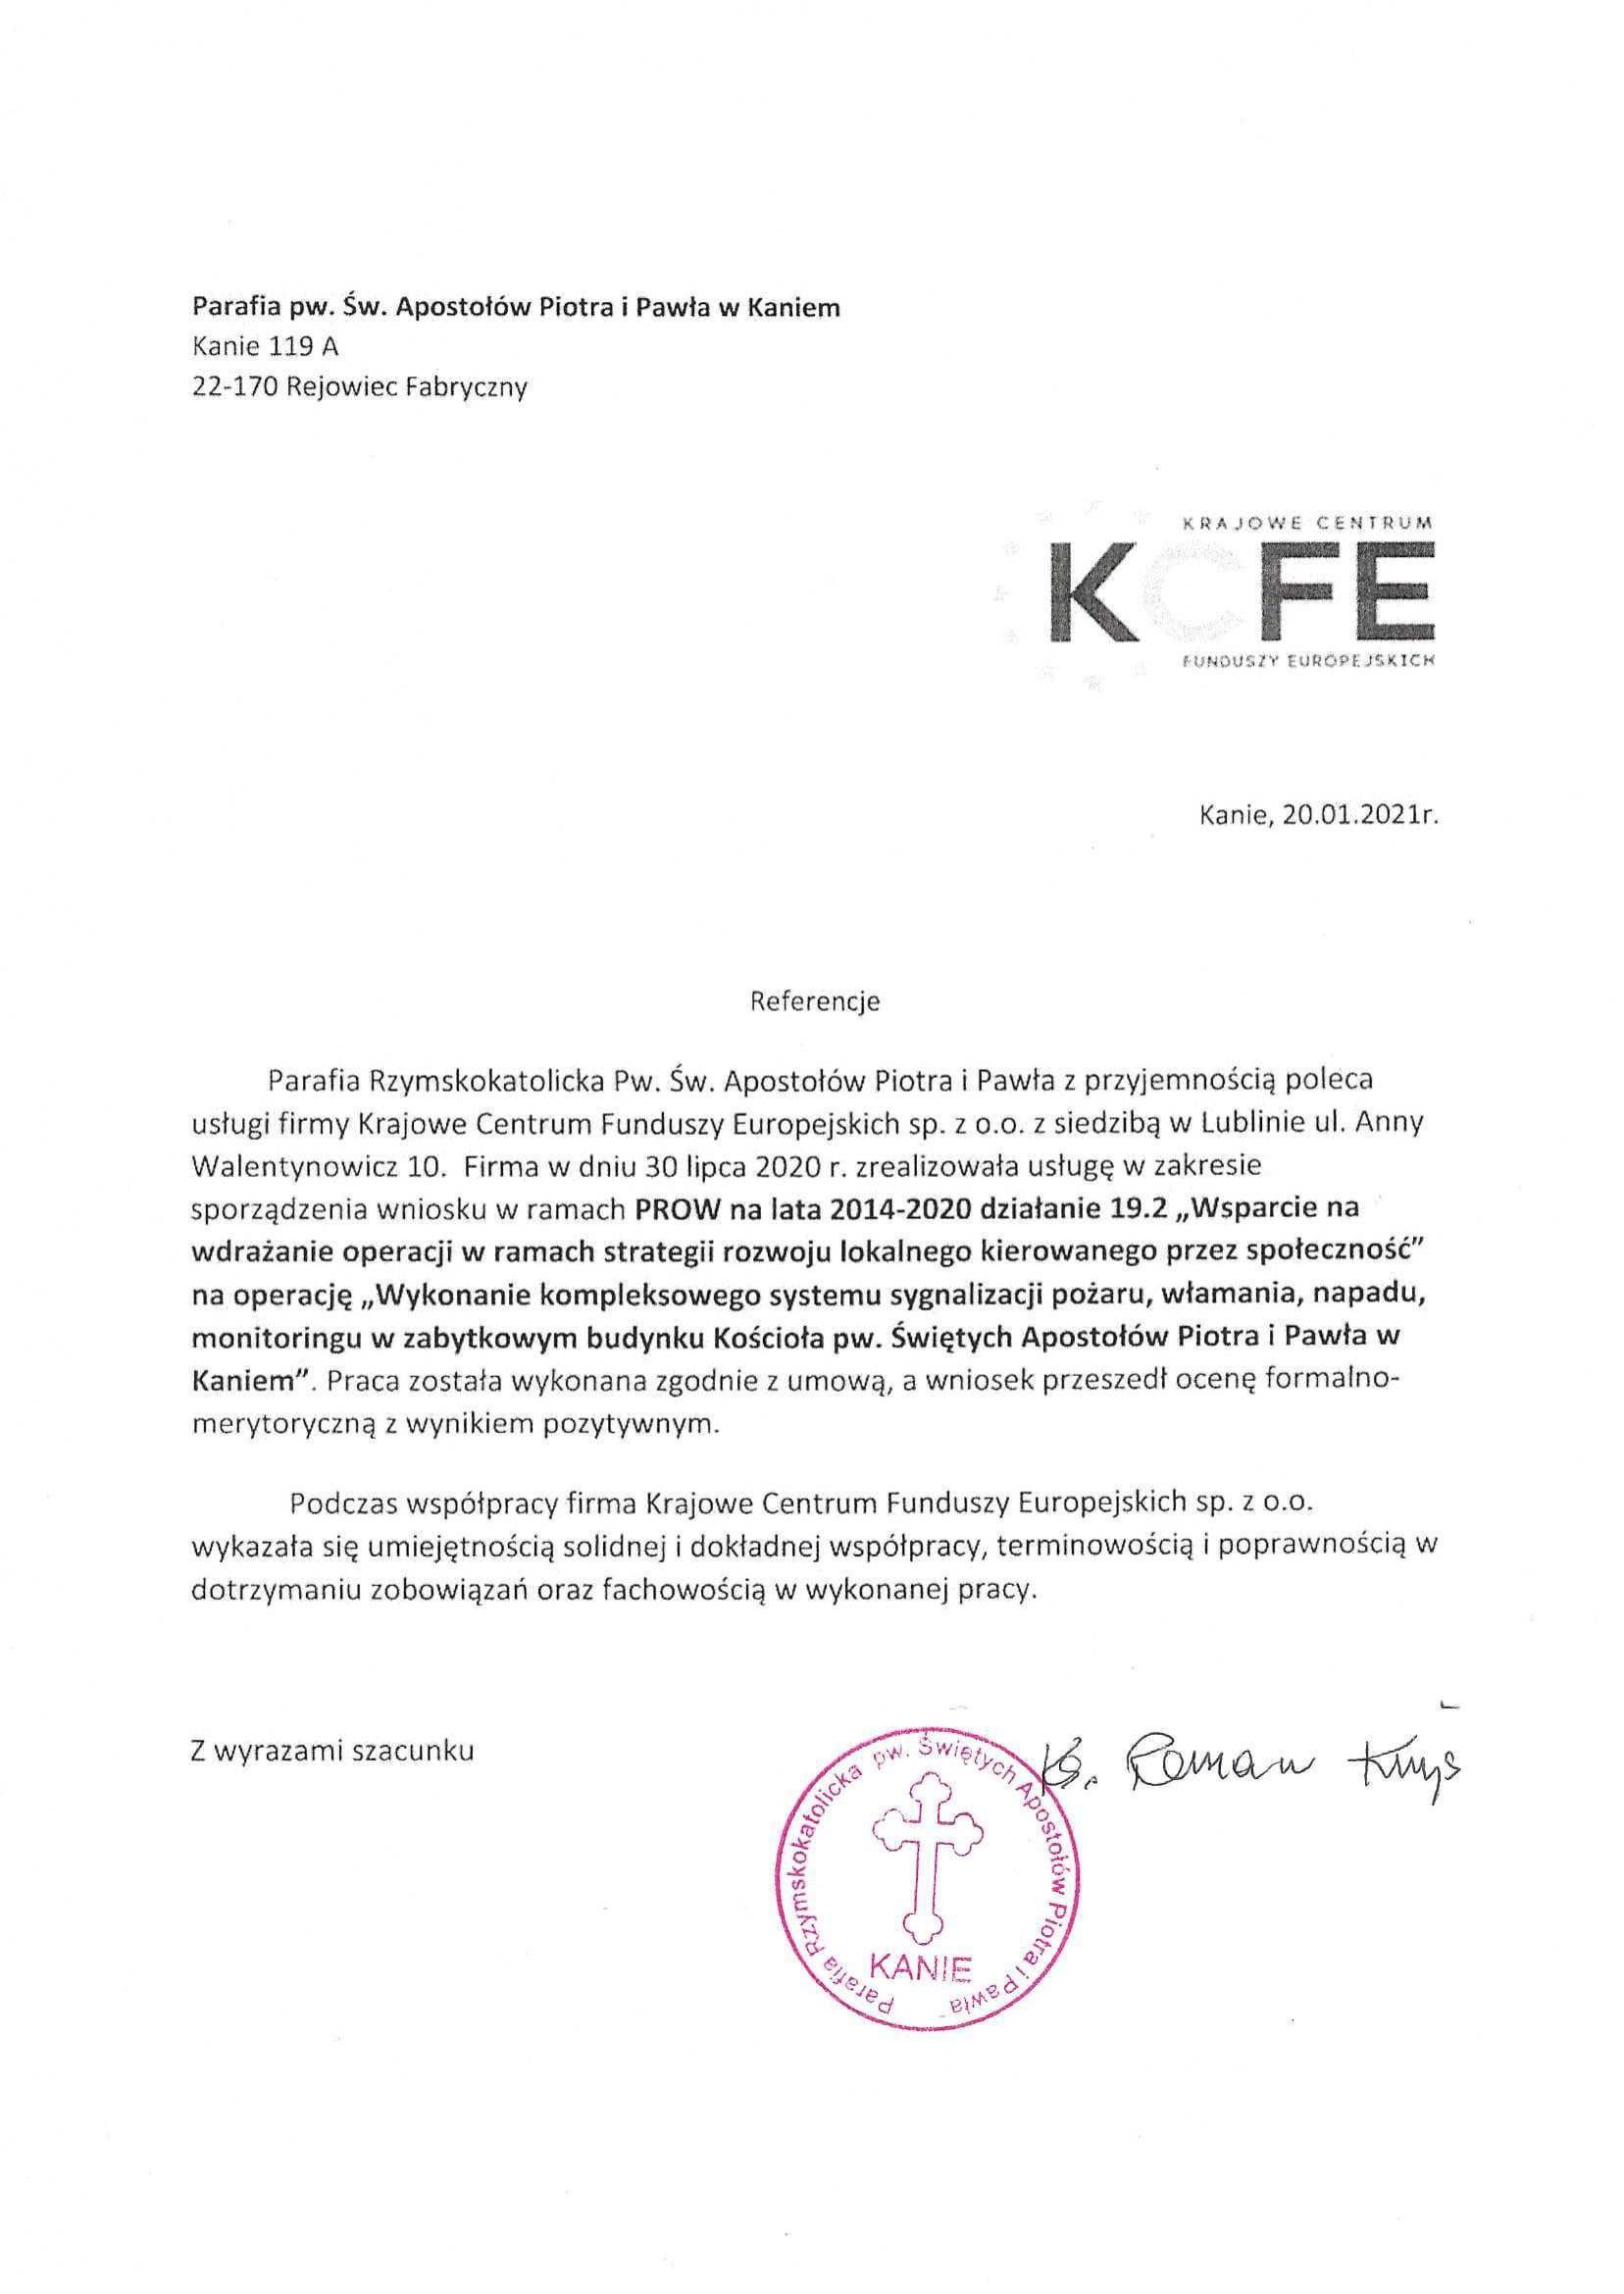 Referencje Parafia w Kaniem - system sygnalizacji 20.01.2021 JPG